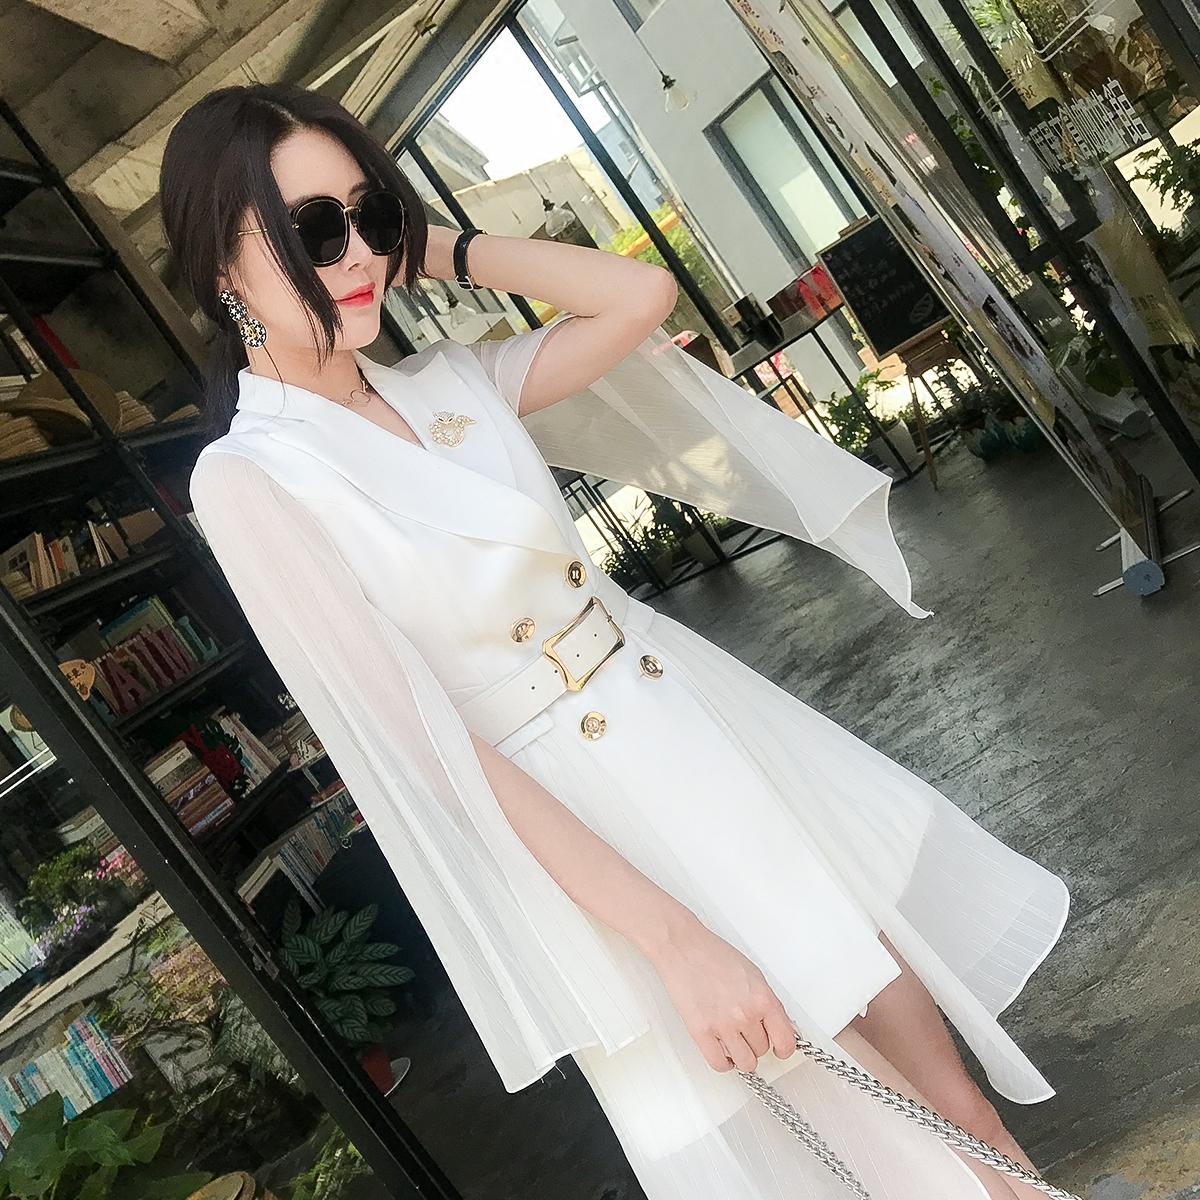 白色小西装 白色斗篷披肩雪纺小西装裙女夏装修身气质长袖薄款垂感防晒衣外套_推荐淘宝好看的白色小西装